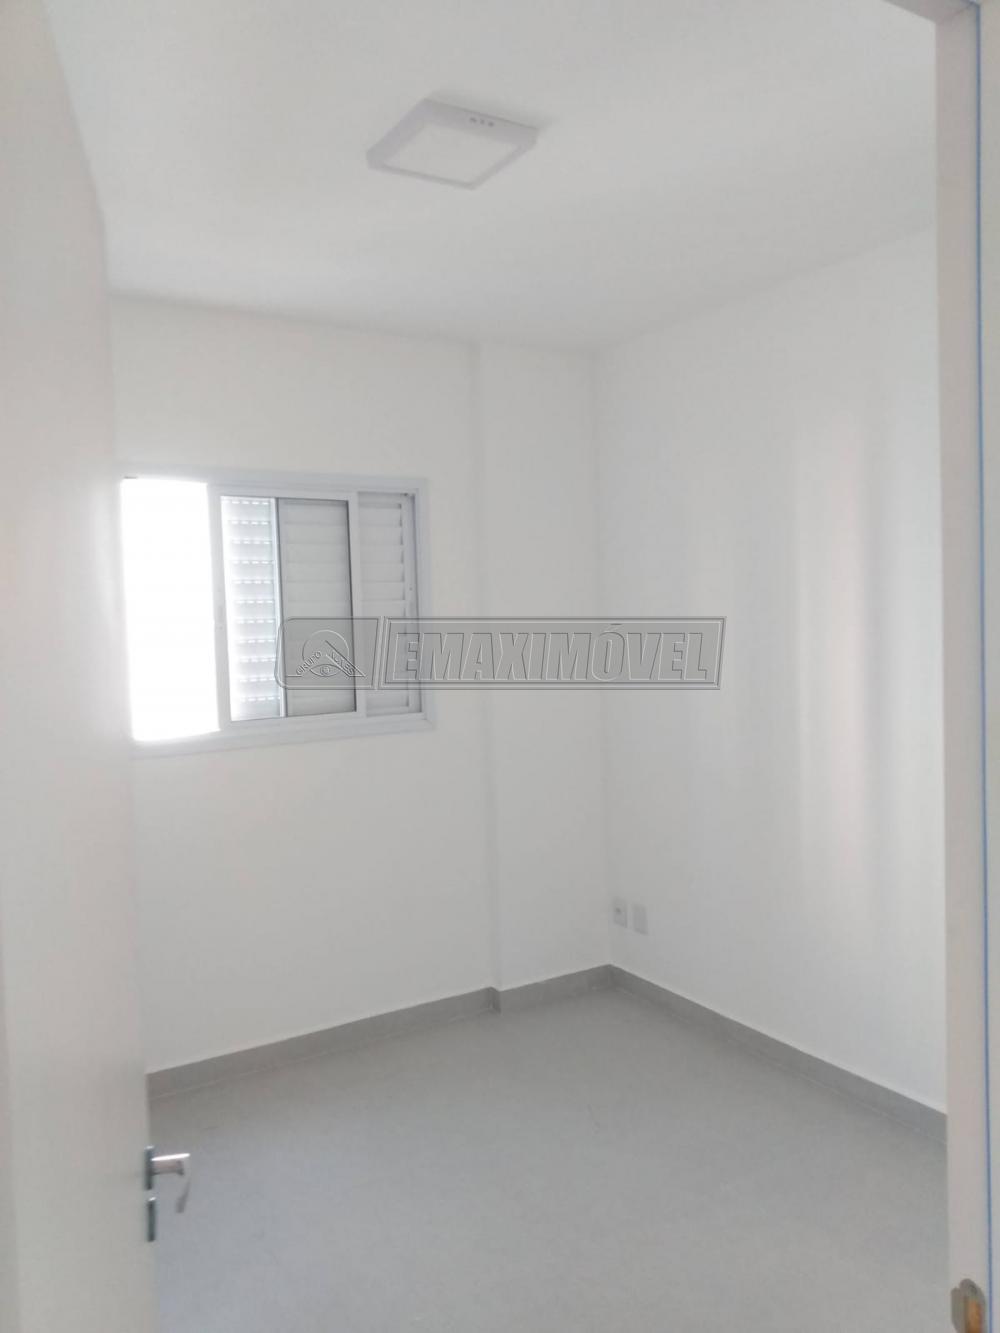 Comprar Apartamento / Padrão em Sorocaba R$ 310.000,00 - Foto 9